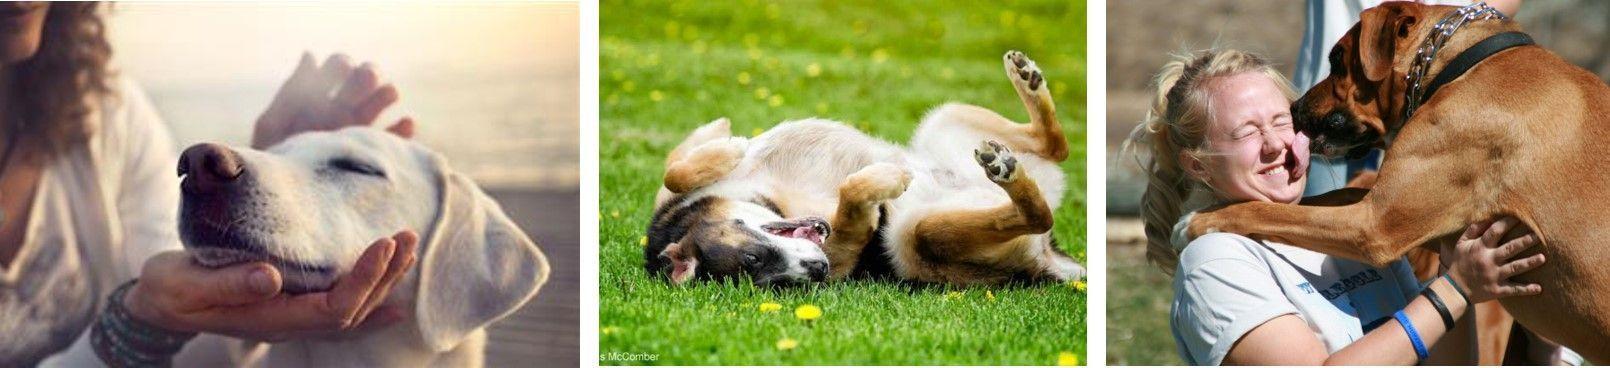 reacciones-caninas-3-Adiestramiento-canino-BEC